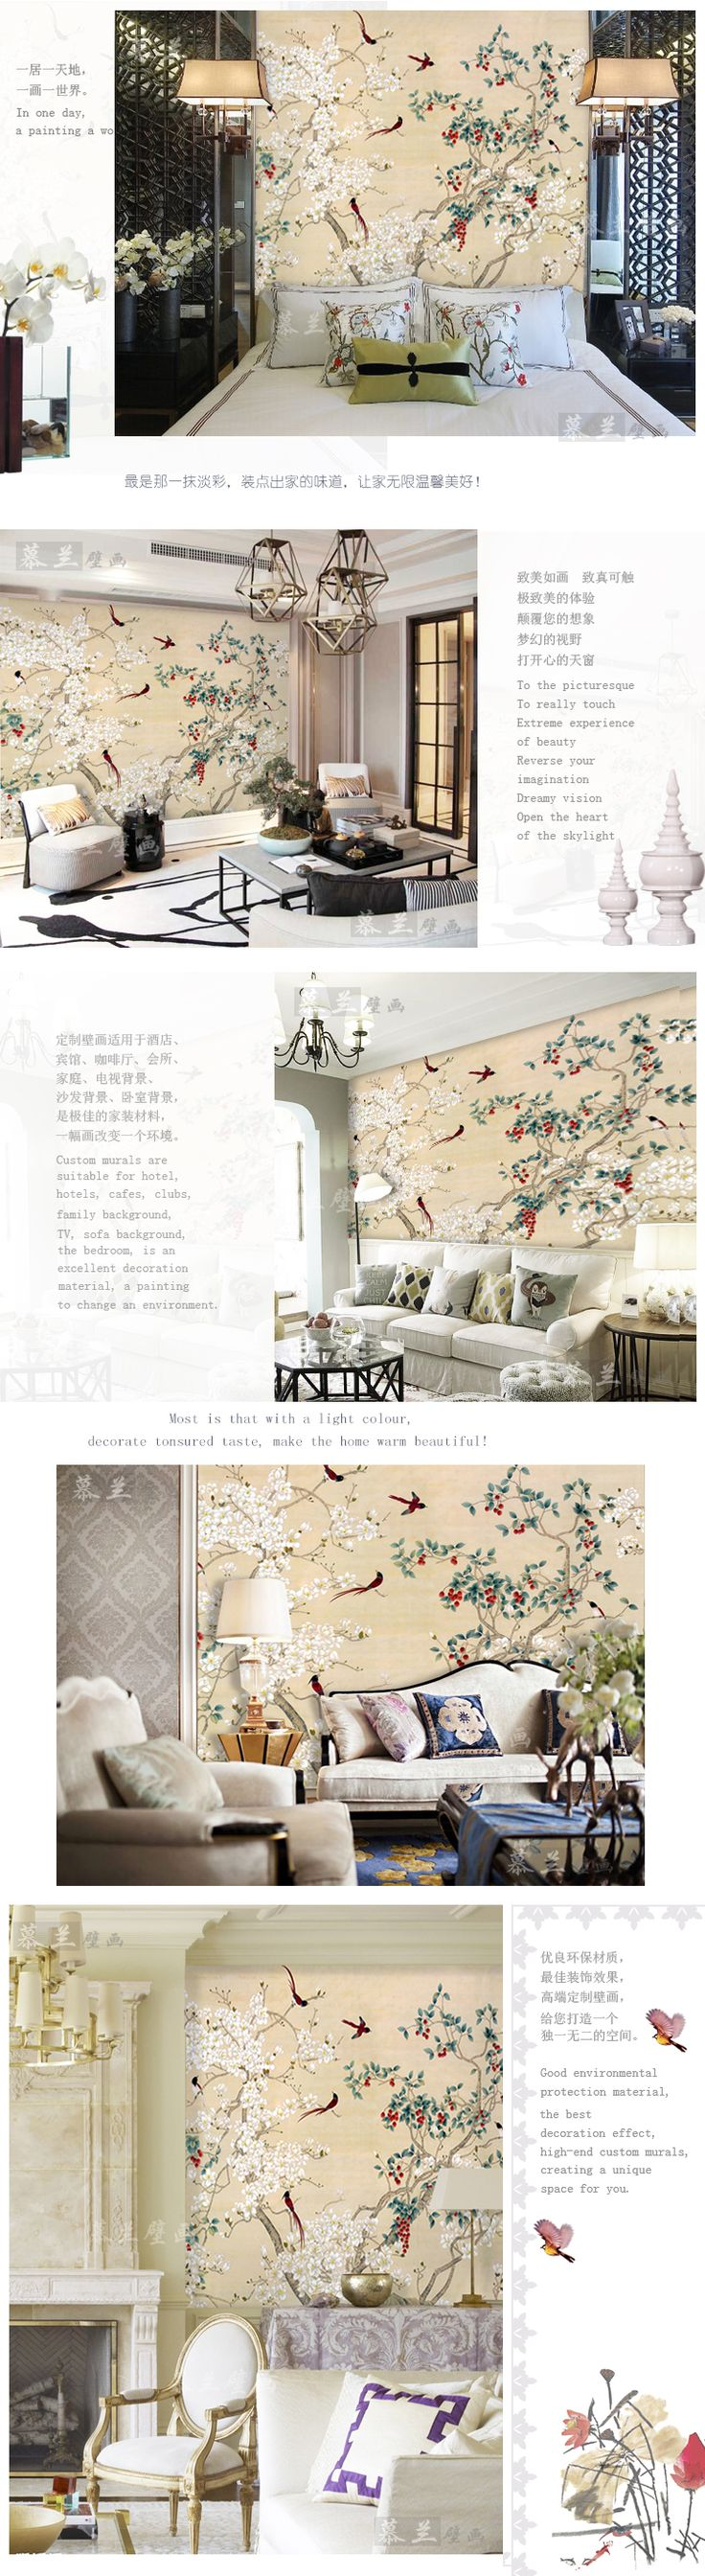 Большая гостиная диван спальня телевизор фоне фрески обои тщательная классическая птица купить на AliExpress